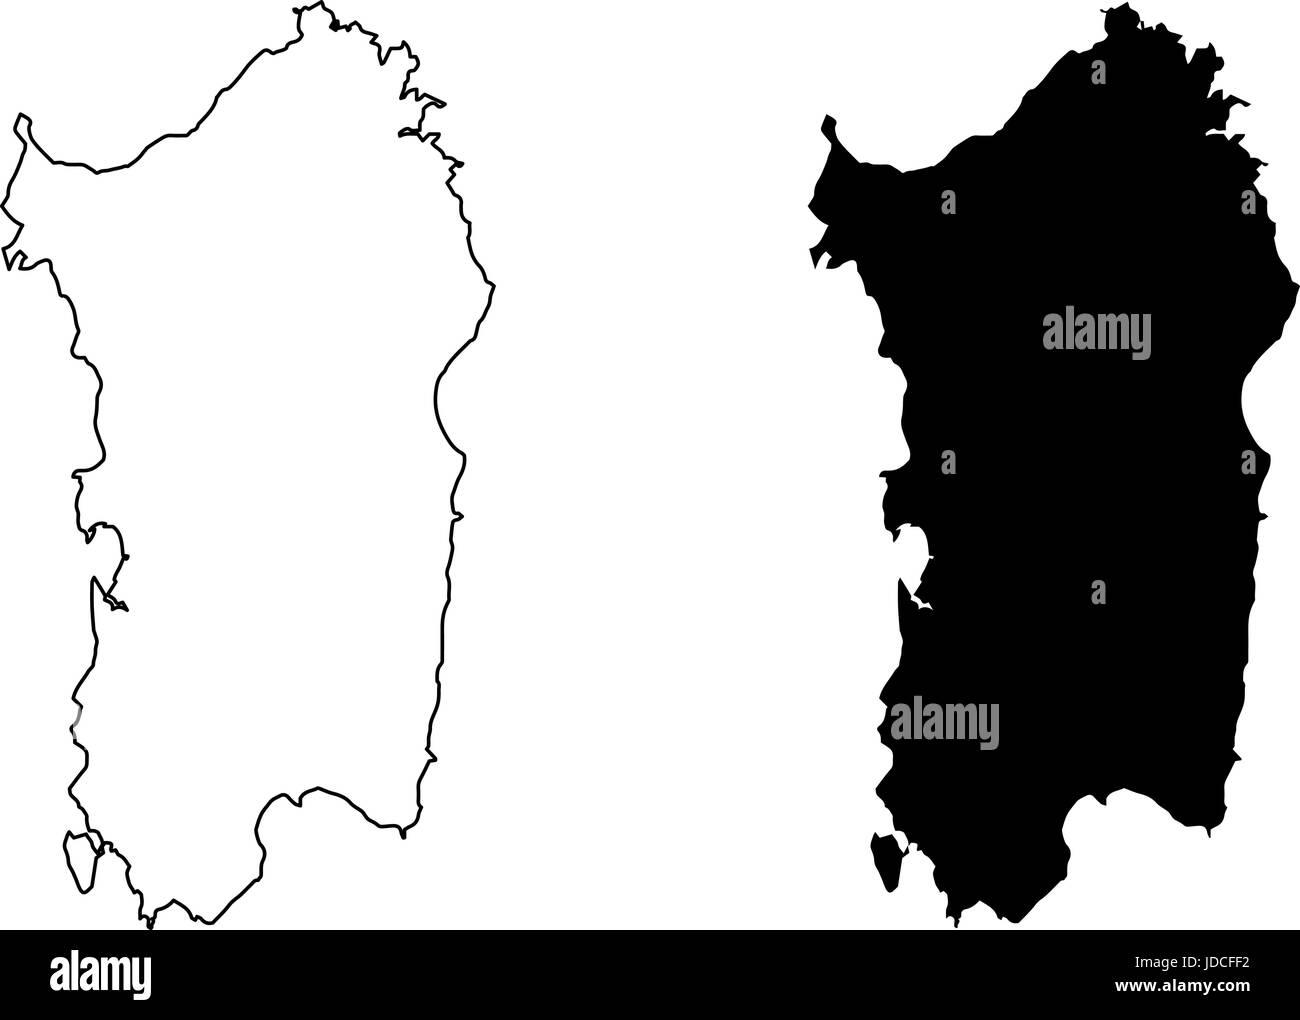 Cartina Sardegna 2017.L Isola Di Sardegna Mappa Illustrazione Vettoriale Scribble Disegna L Isola Di Sardegna Immagine E Vettoriale Alamy